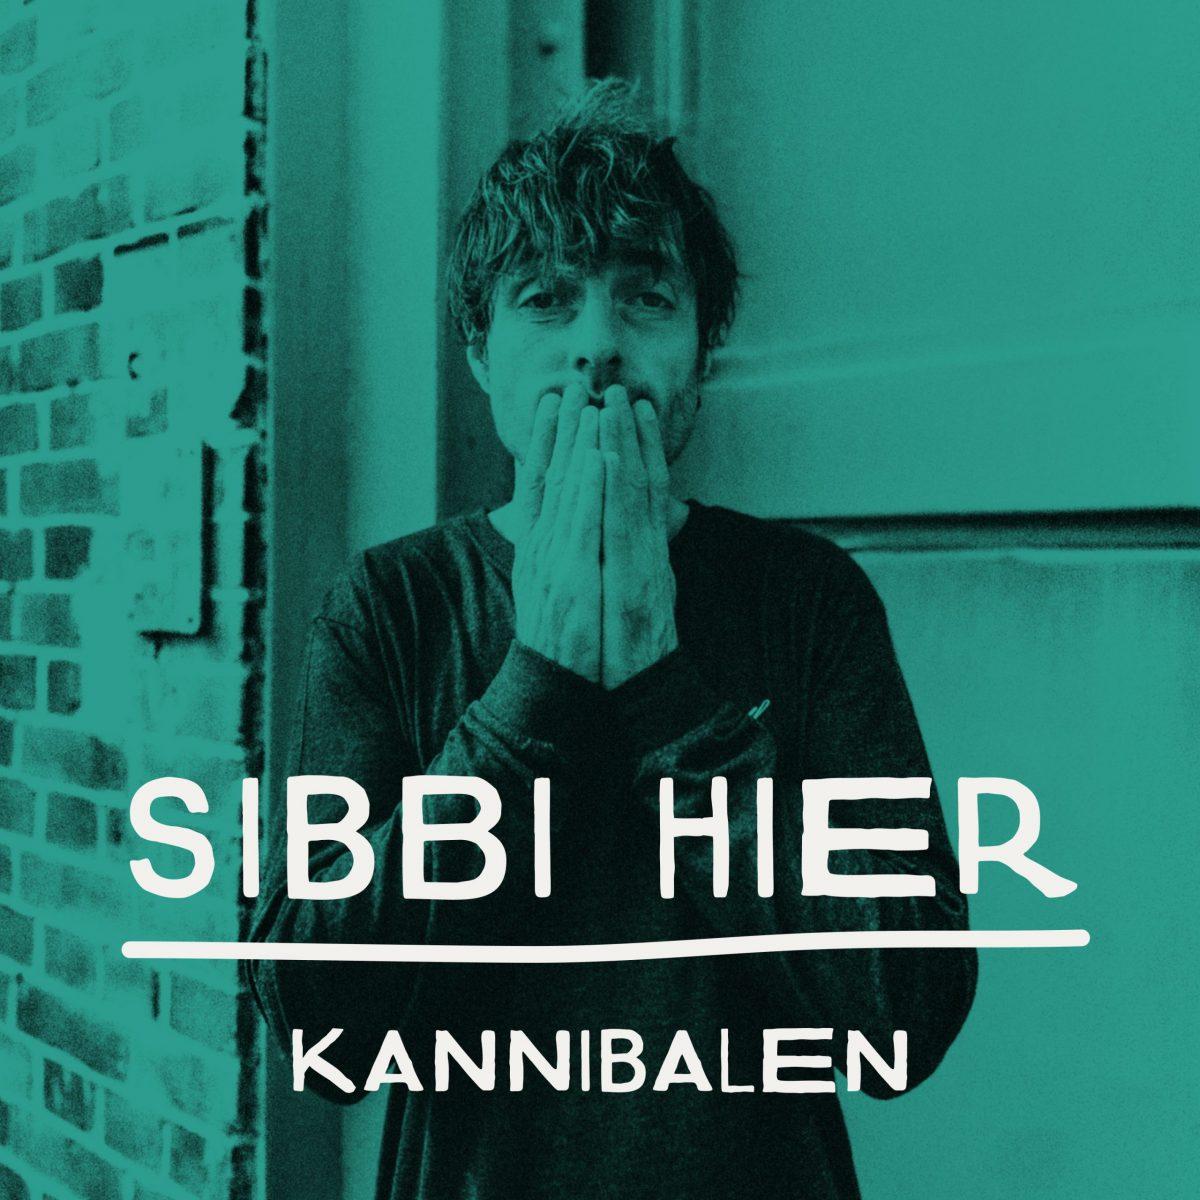 sibbi-hier-kannibalen-video-premiere